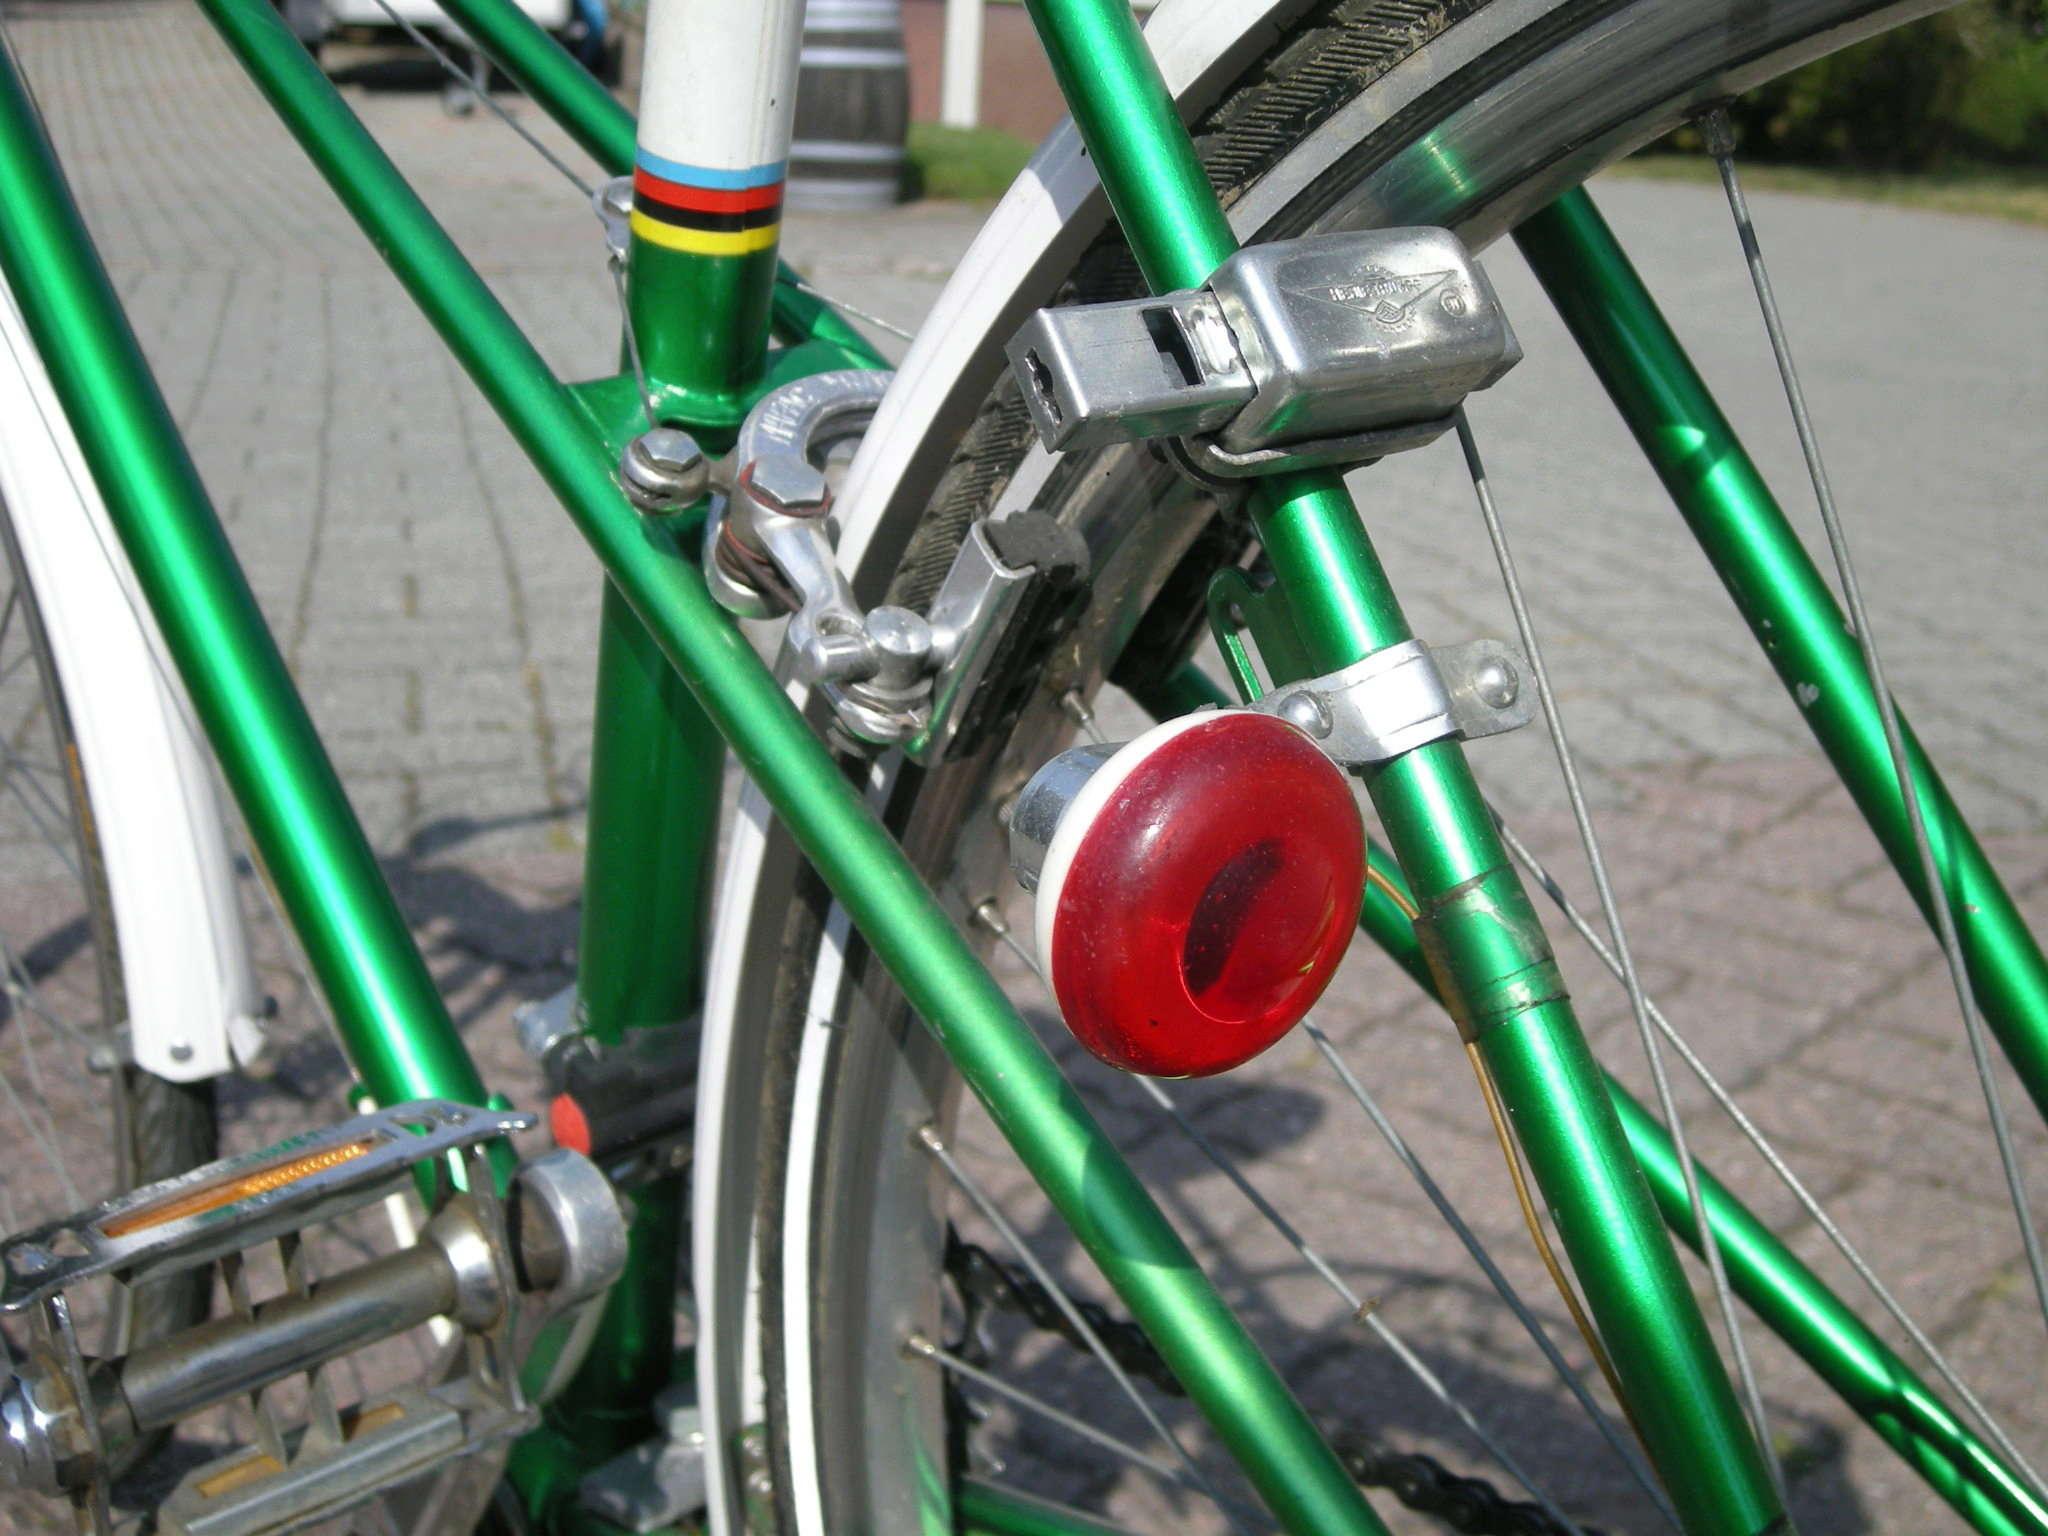 Mixte Cyclo Porrentruy Dscn6232